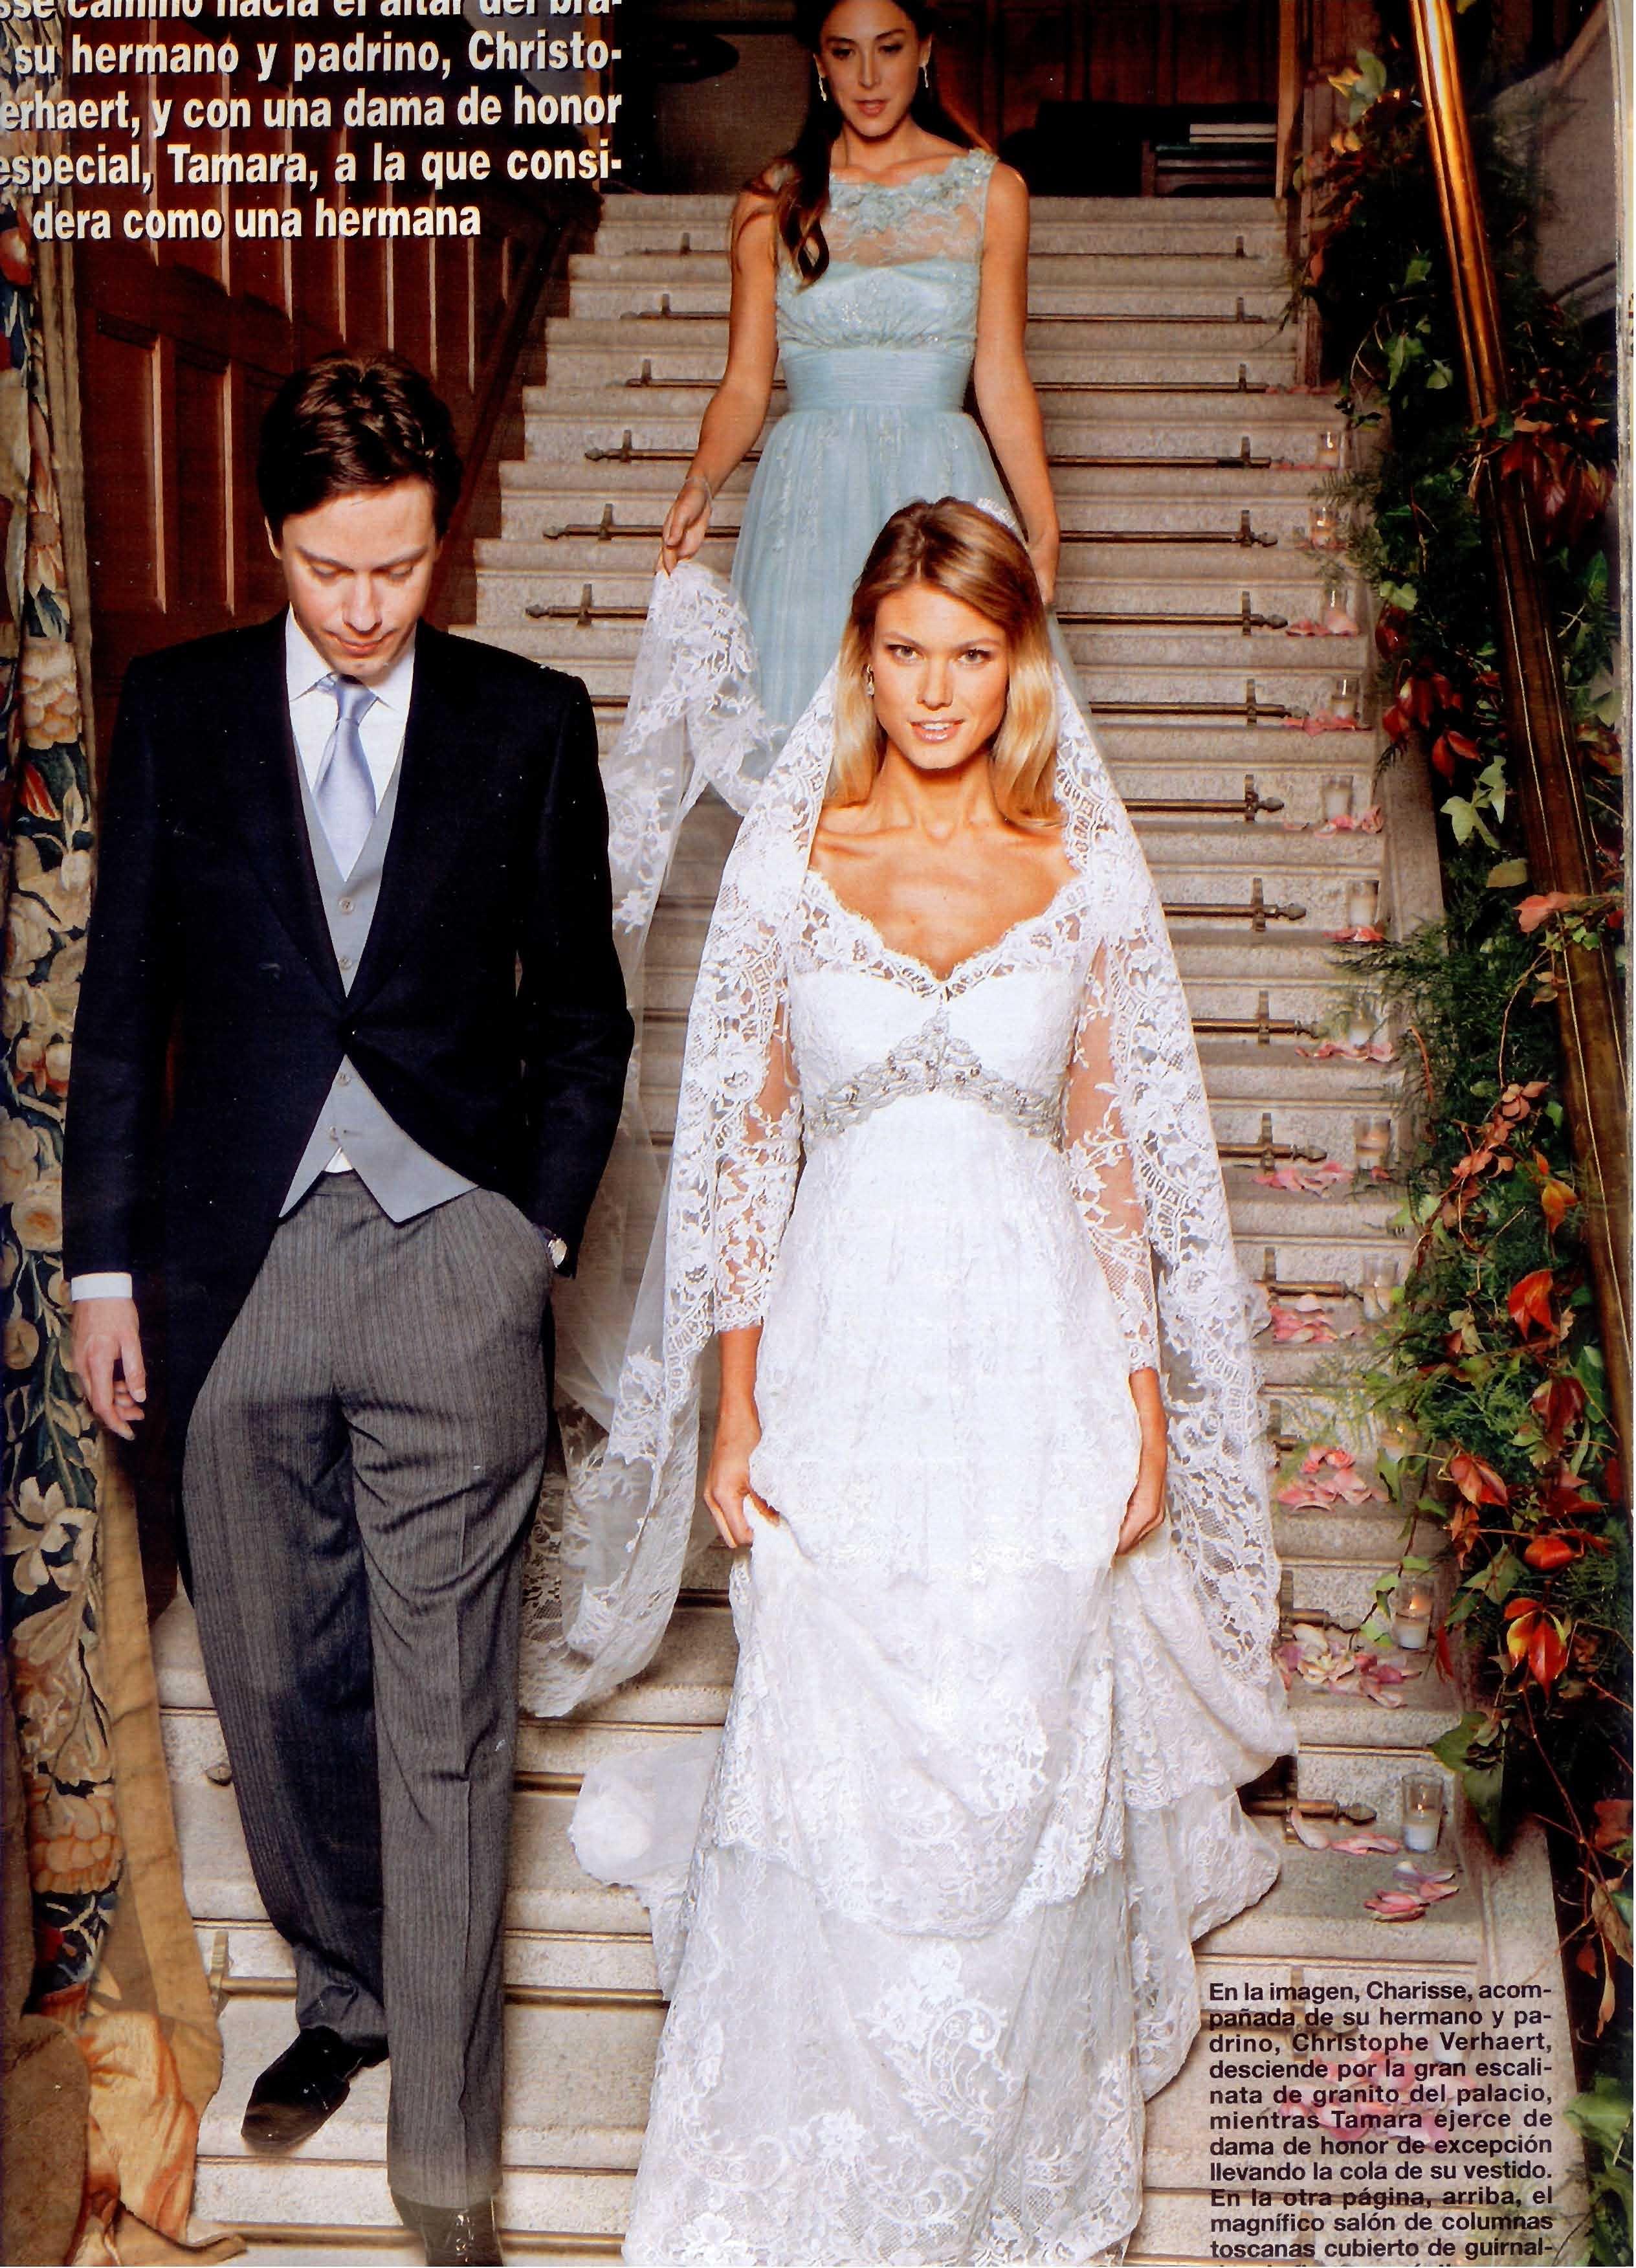 Charisse, acompañada de su hermano y padrino, Christophe Verhaert mientras Tamara Falcó ejerce de Dama de Honor